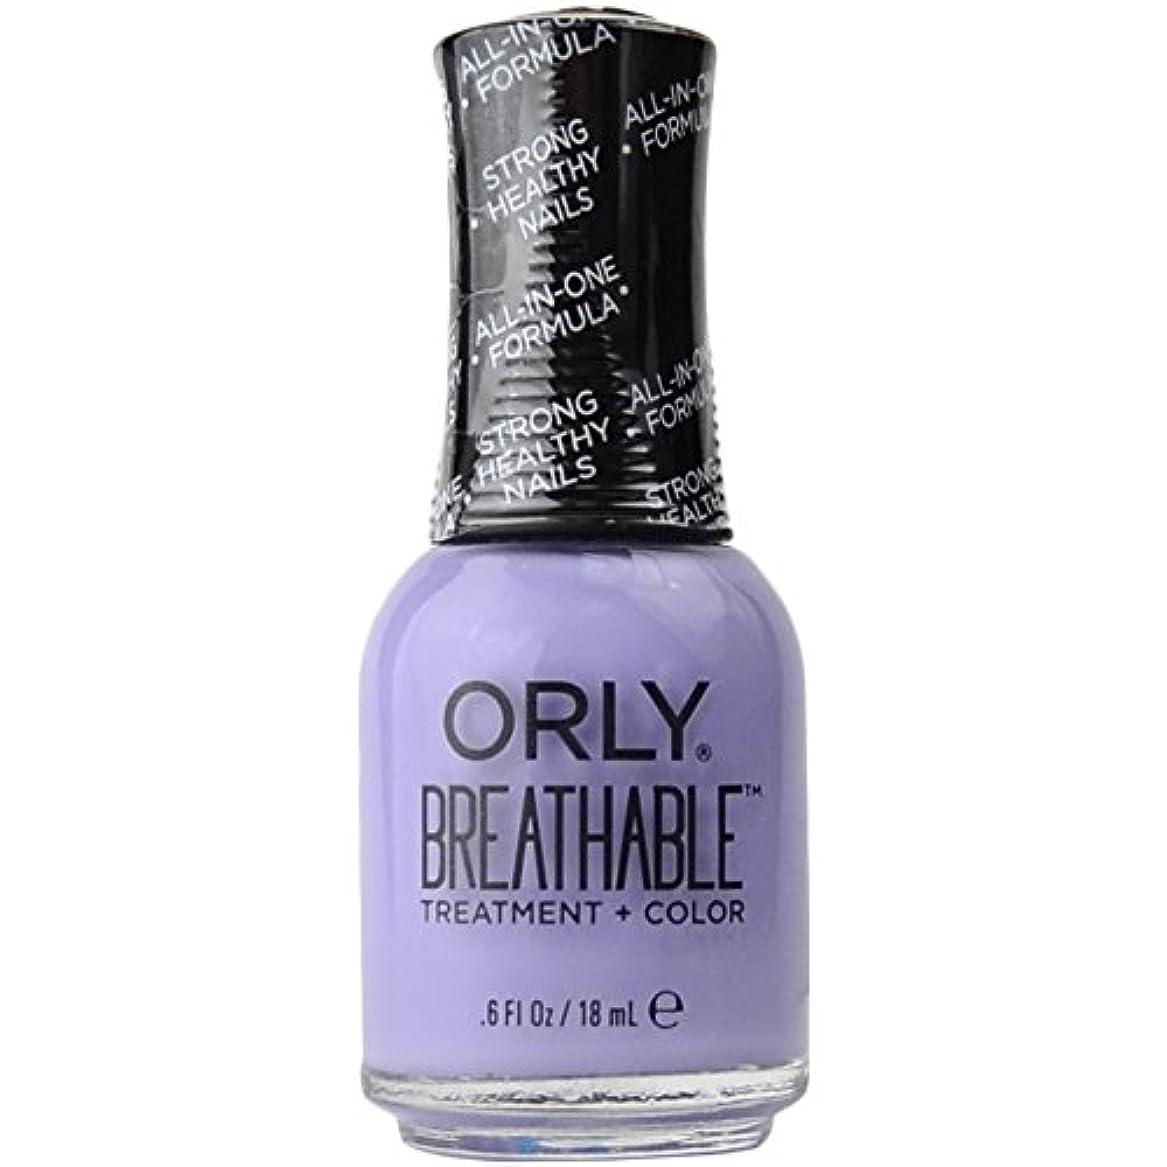 ヘビロータリー衝突Orly Breathable Treatment + Color Nail Lacquer - Just Breathe - 0.6oz/18ml